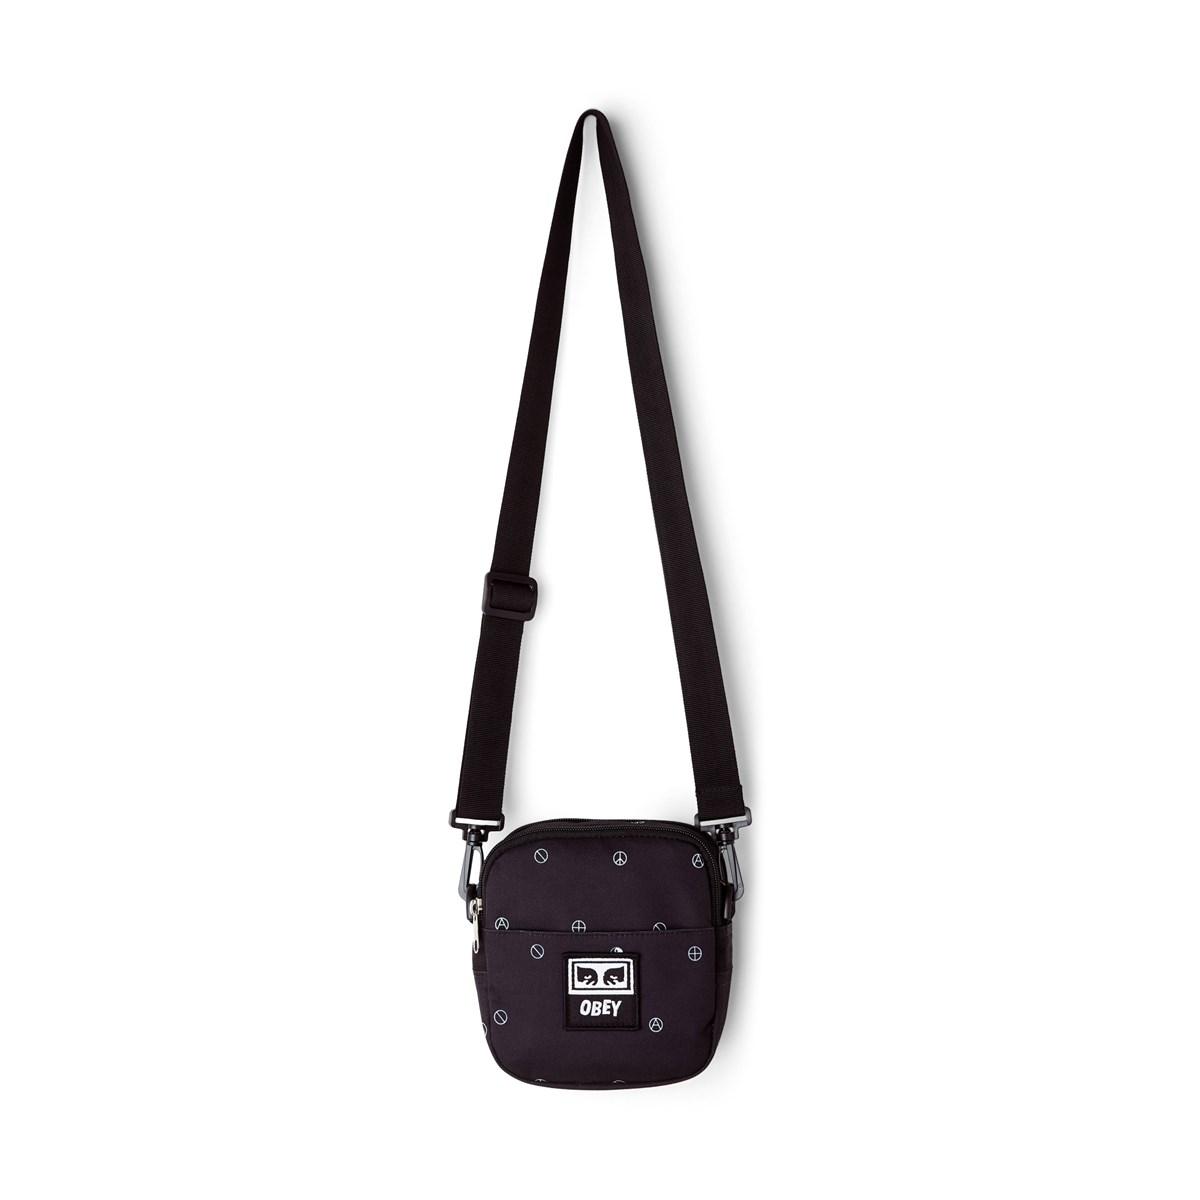 Drop Out Traveller bag in Black